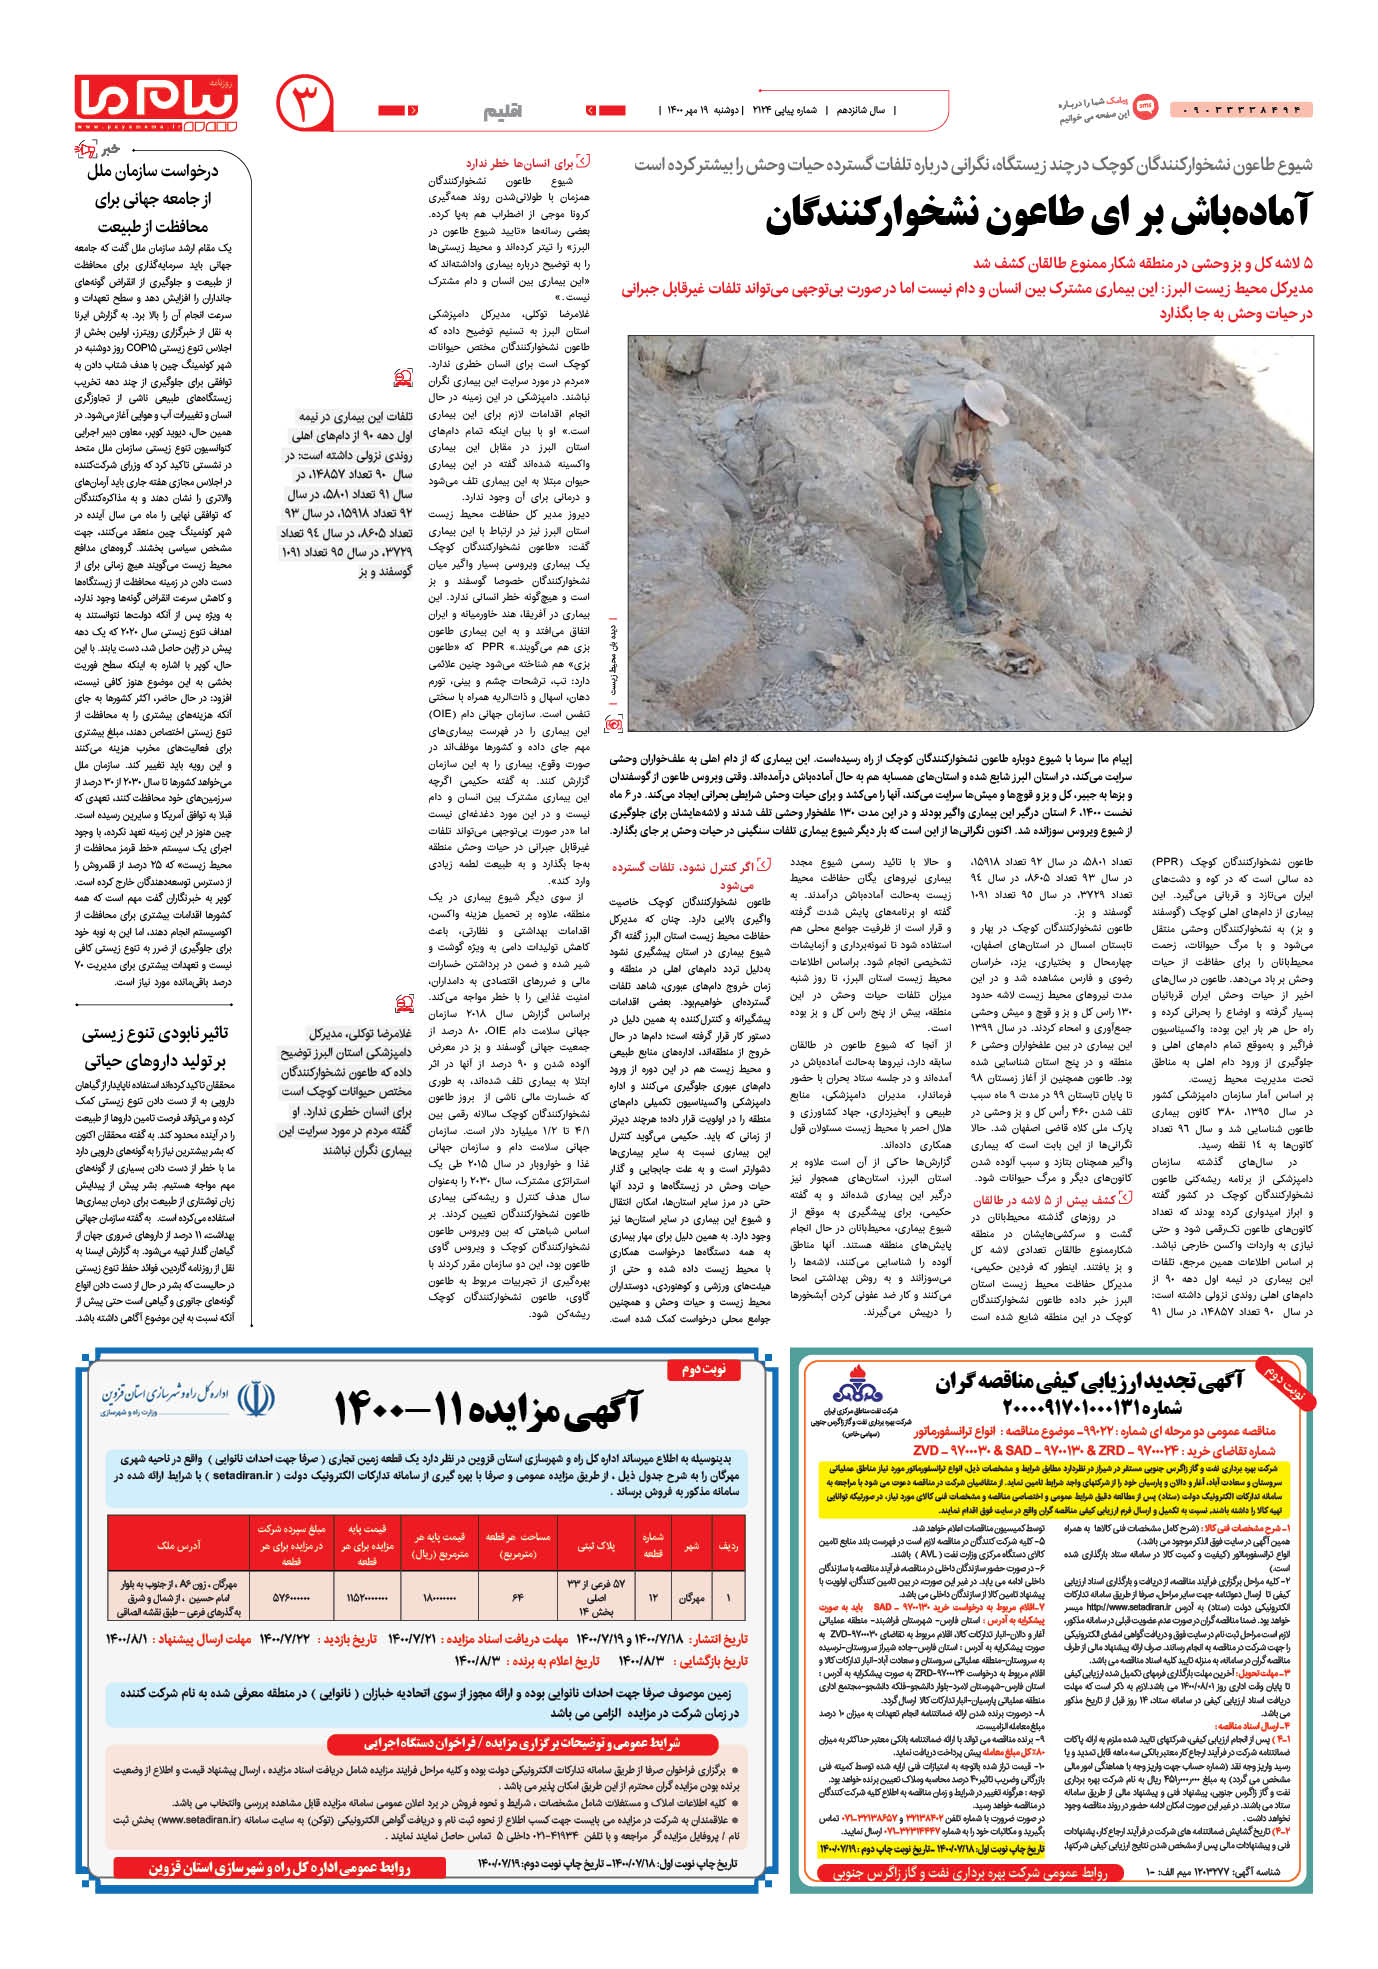 صفحه اقلیم شماره 2124 روزنامه پیام ما